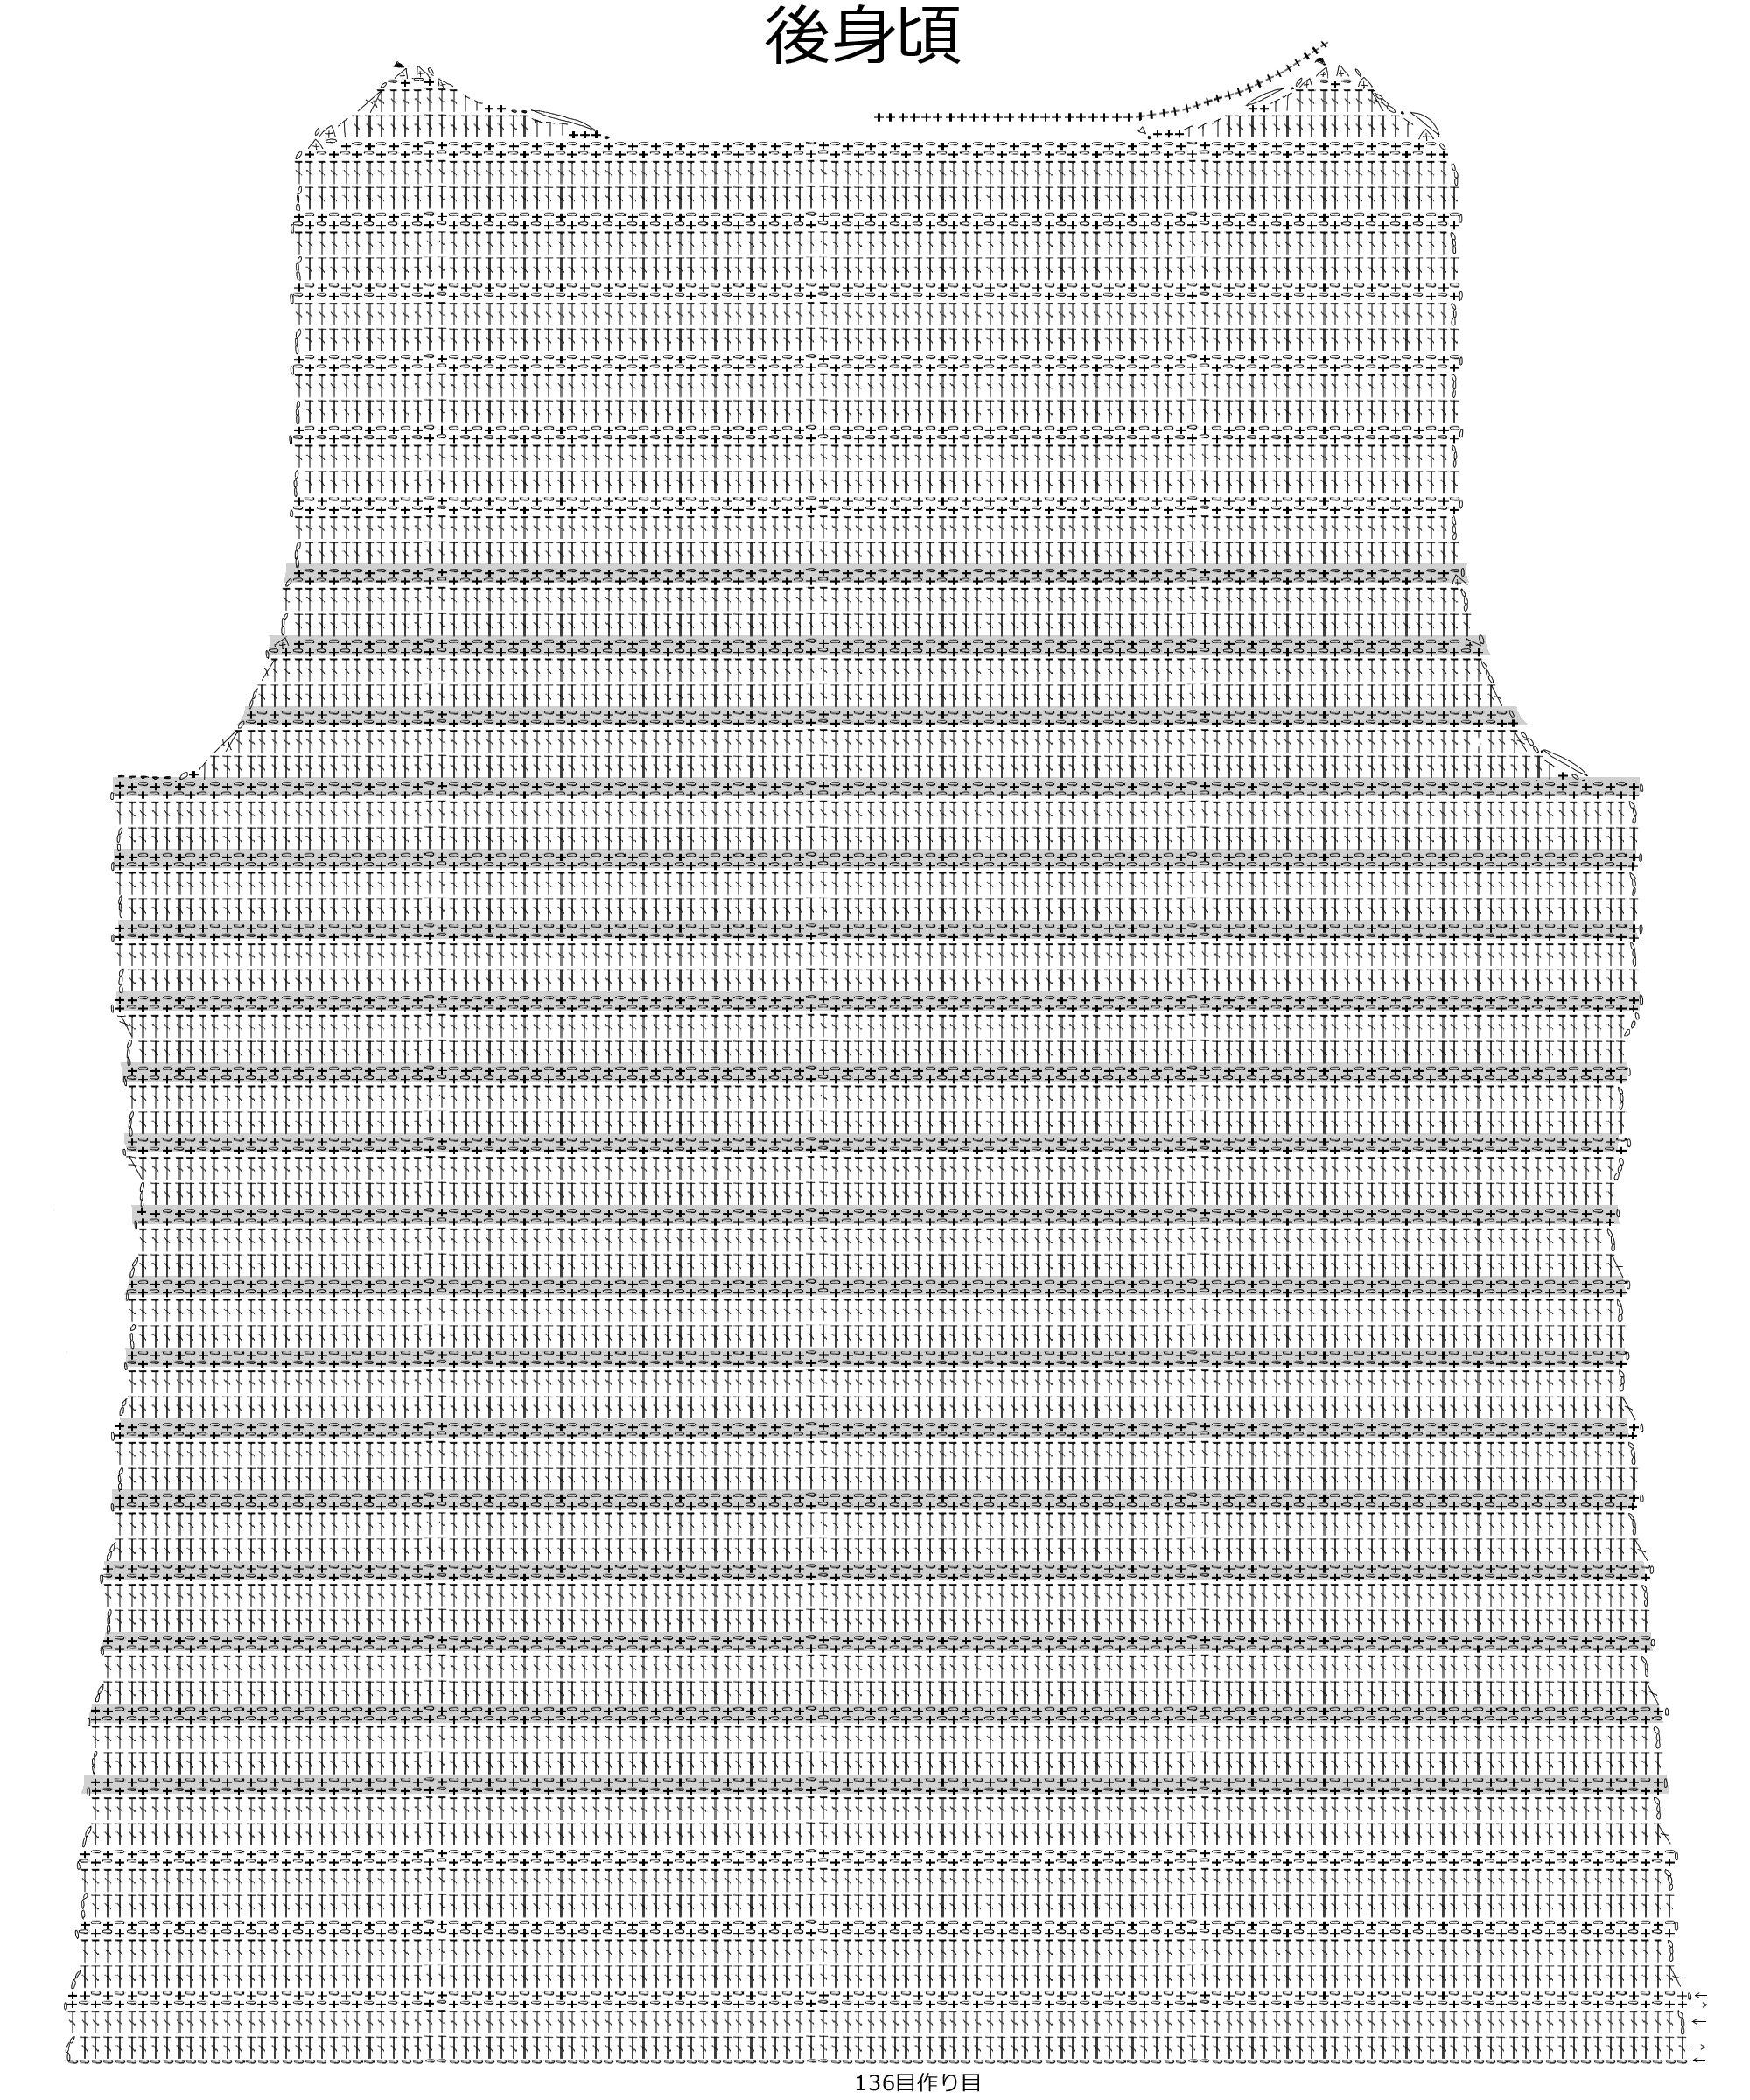 ボーダープルオーバー編み図B